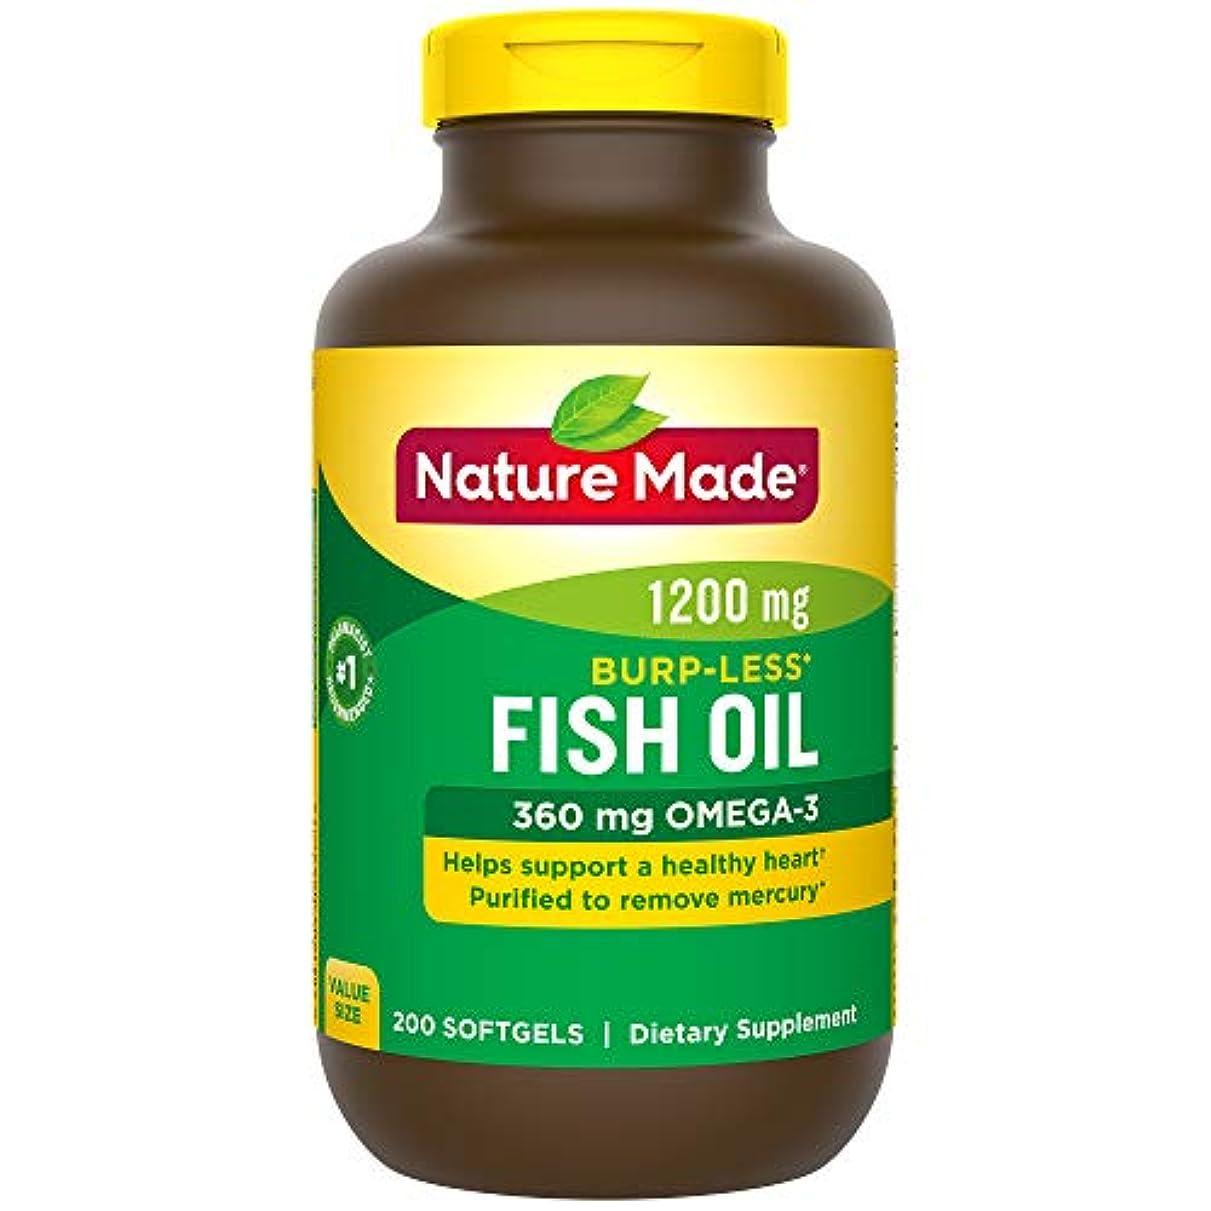 必要砲撃シュートNature Made Fish Oil 1200 Mg Burp-less, Value Size, 200-Count 海外直送品